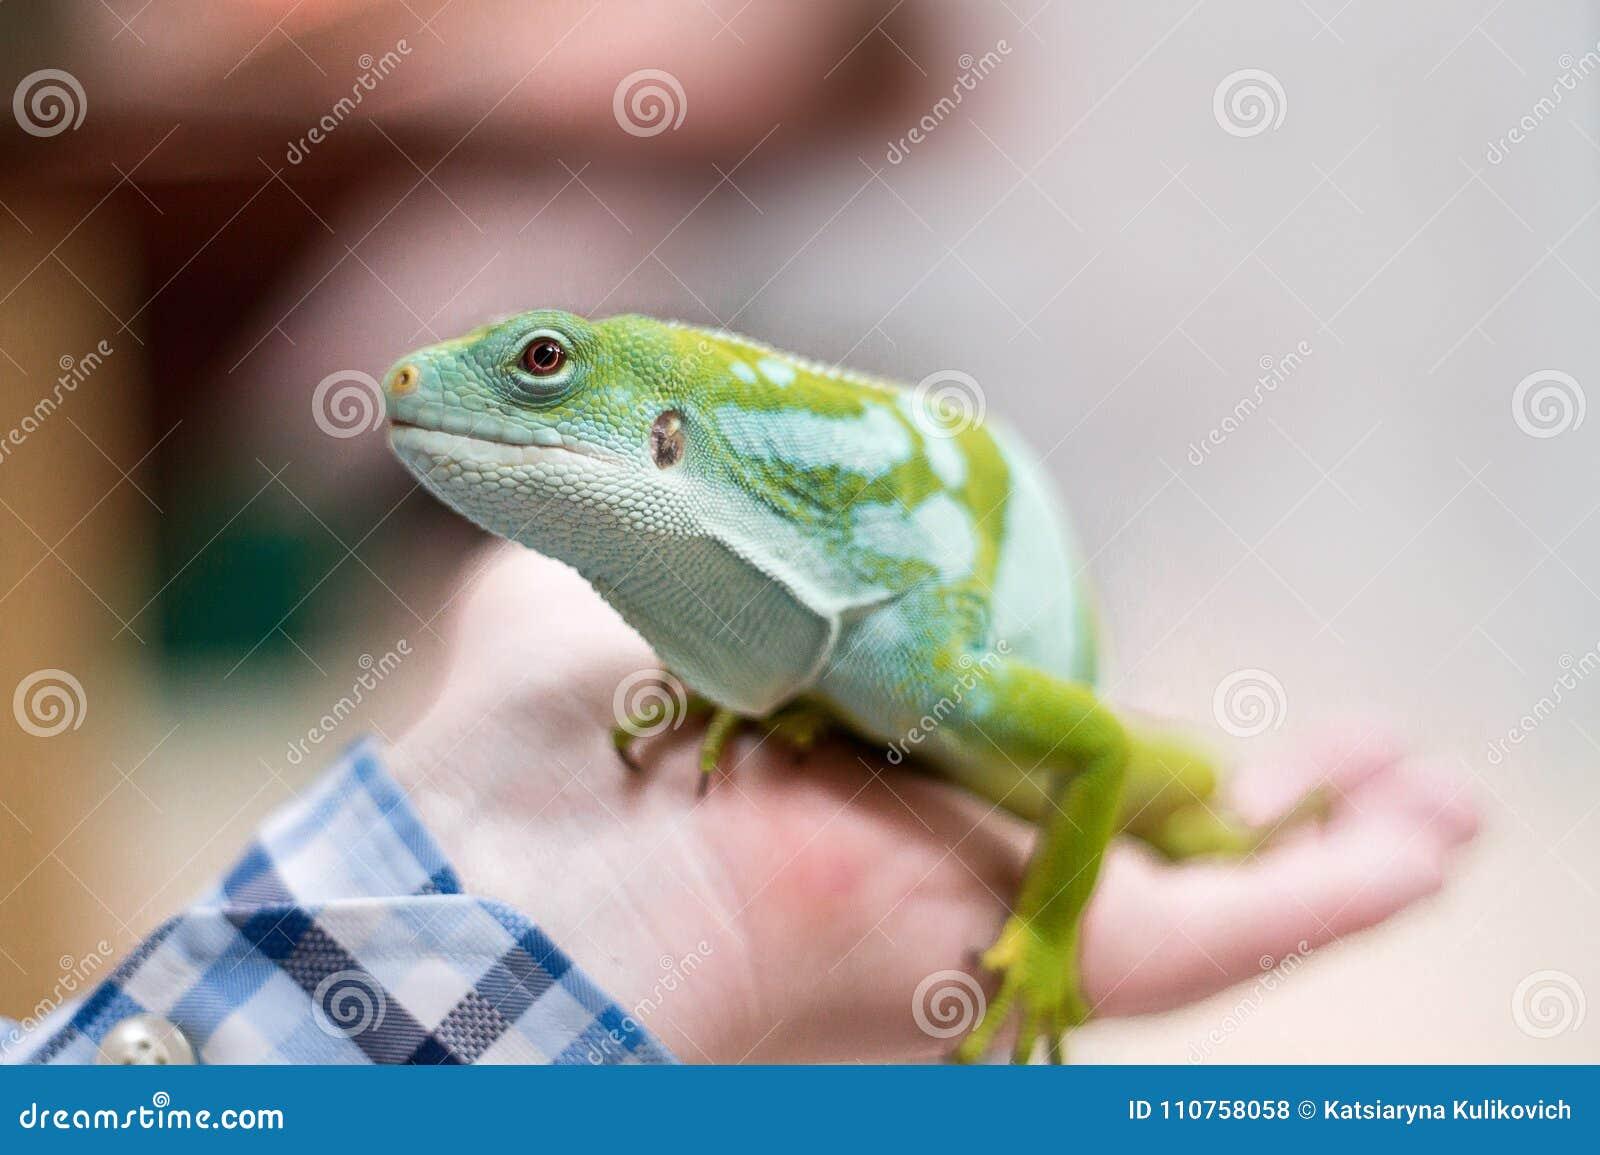 Zielona iguana w ręce